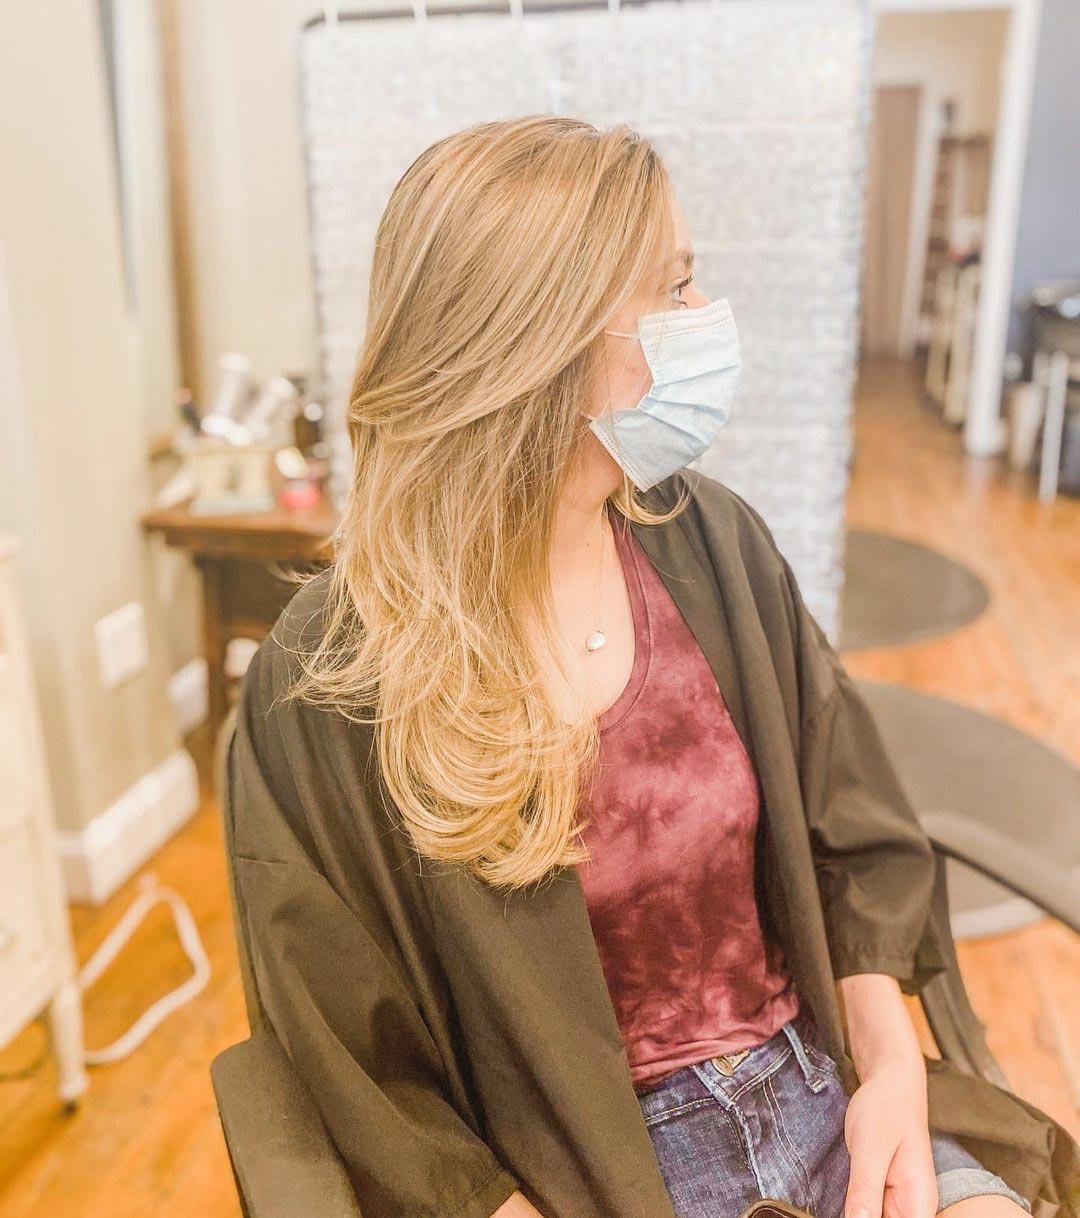 Long & Lovely cuts at Juju Salon in Philadelphia